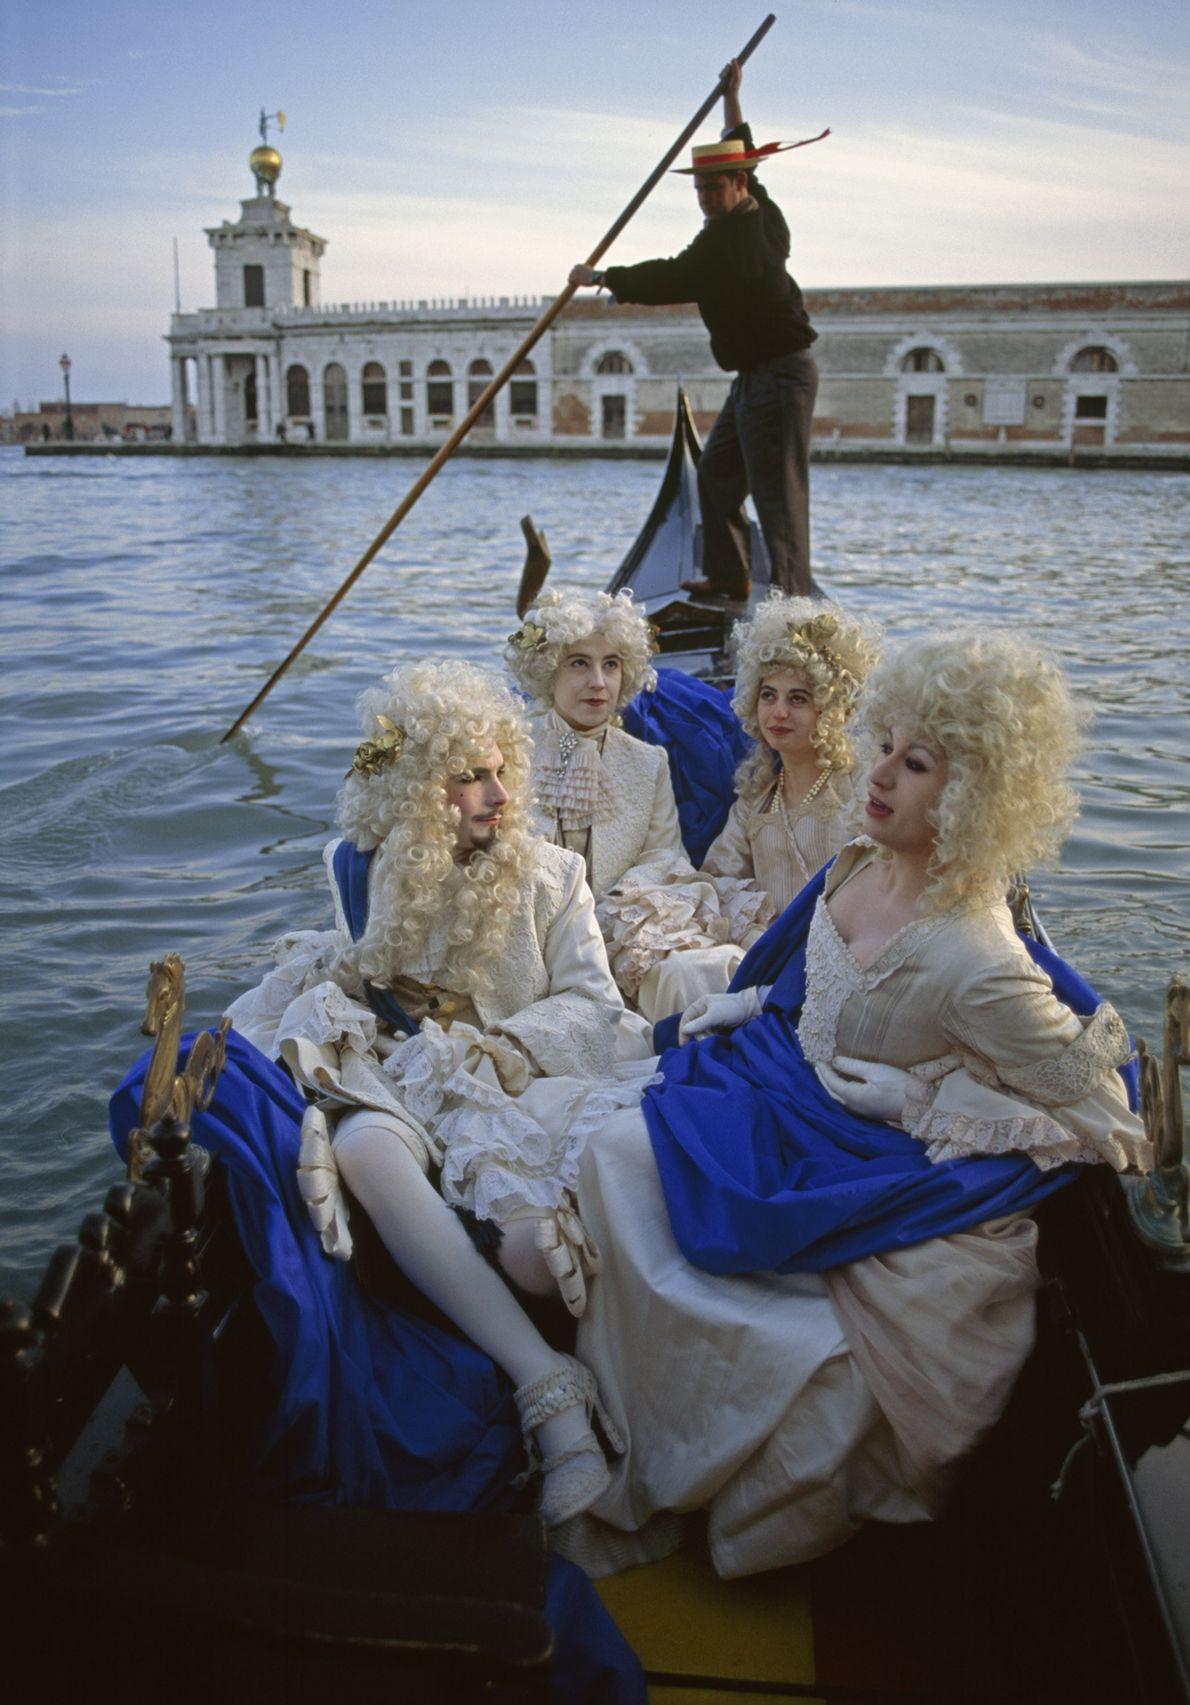 A Costumed Quartet